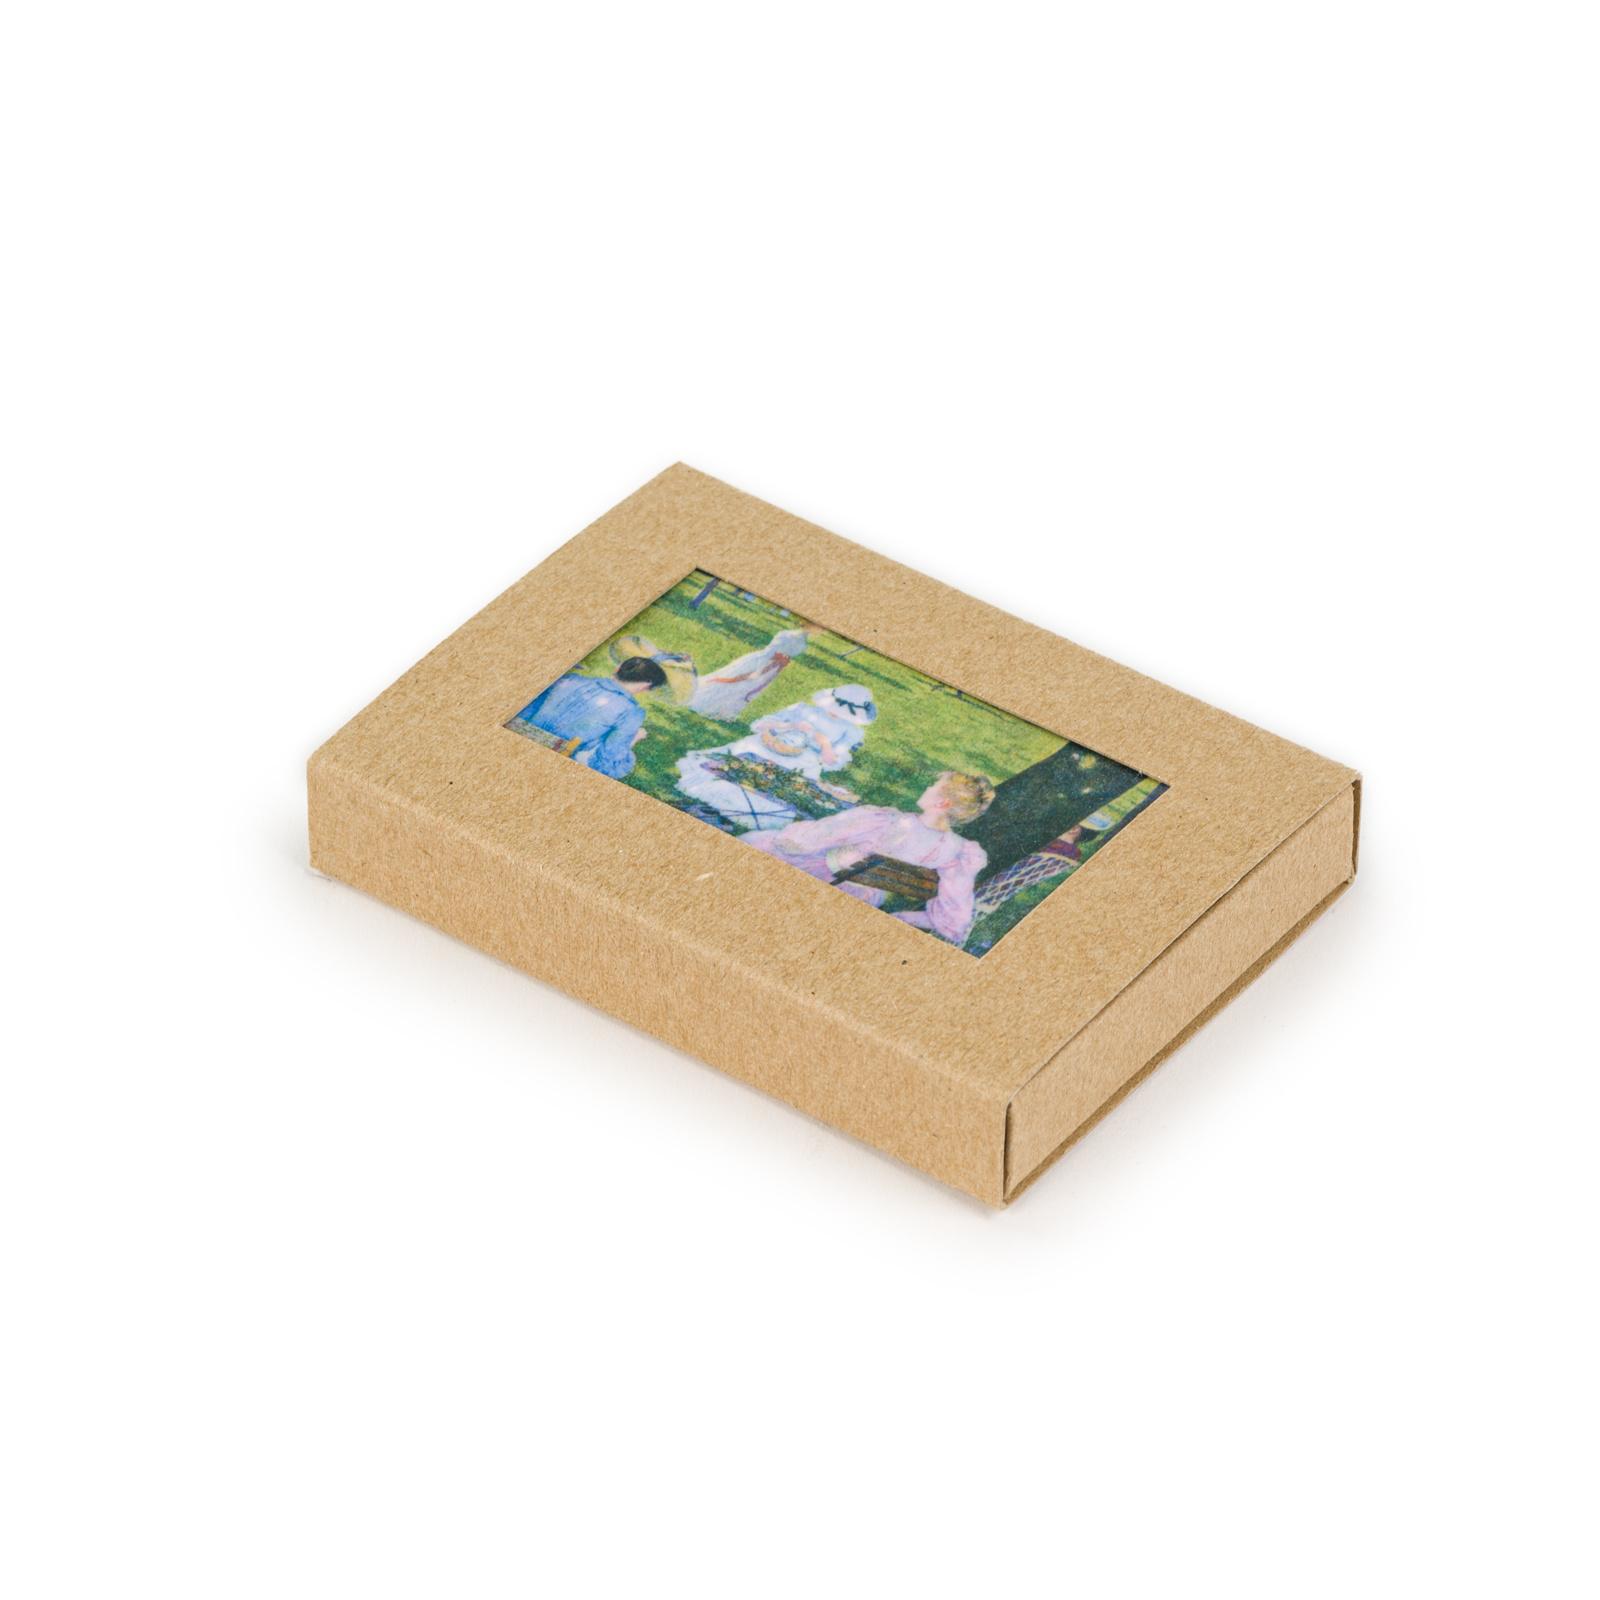 Koelkast magneet Théo van Rysselberghe - De boomgaard